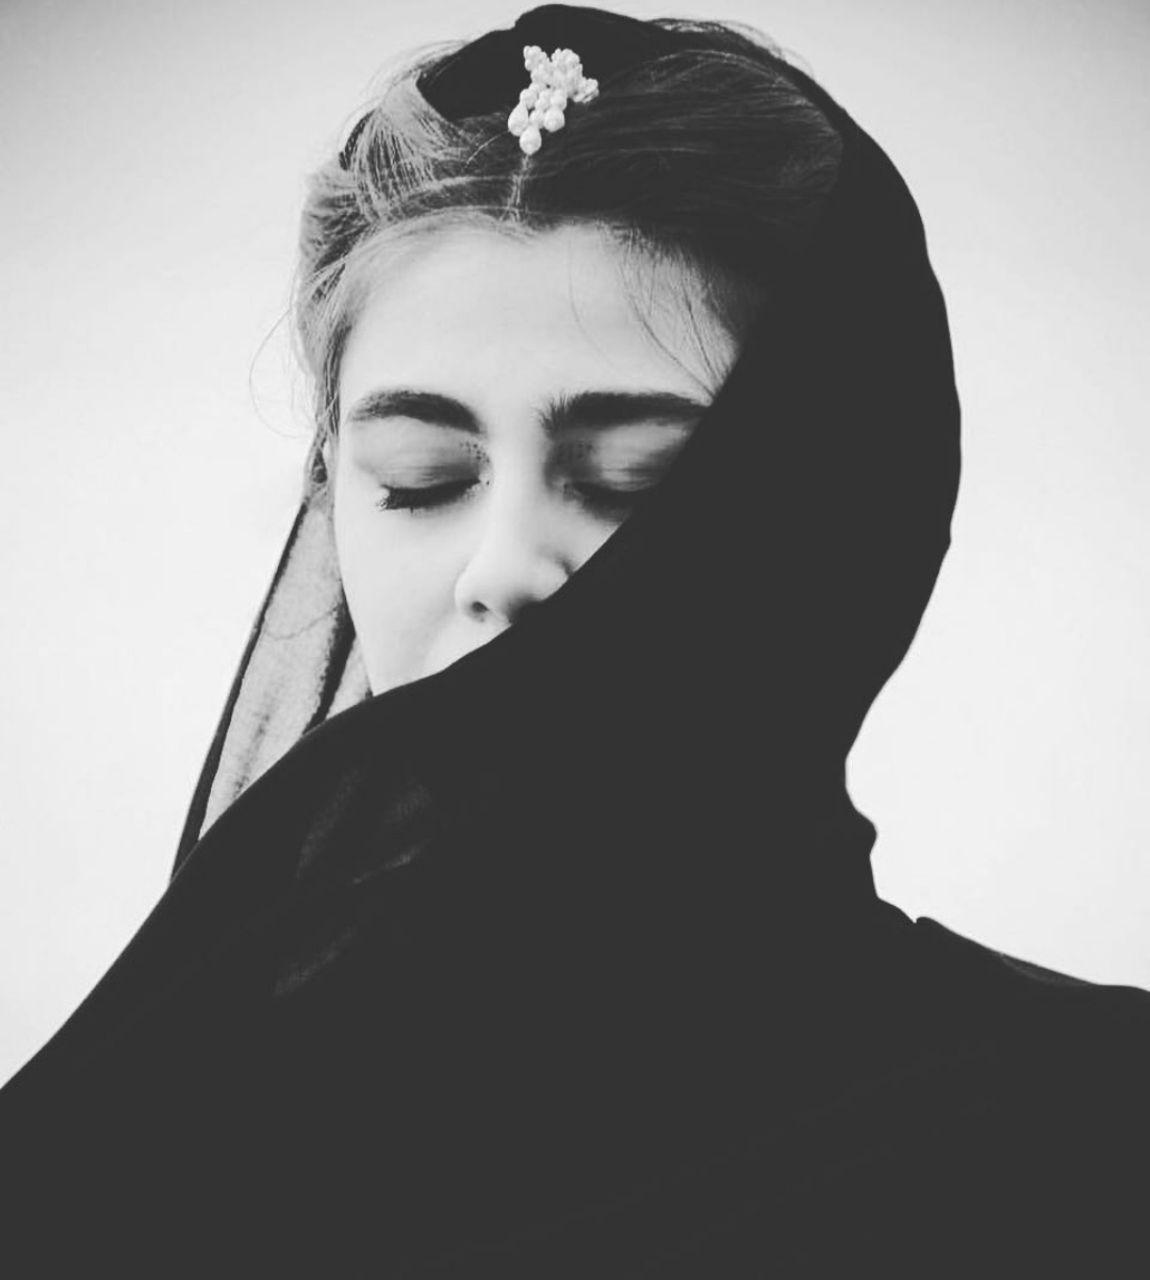 عکس دختر غمگین